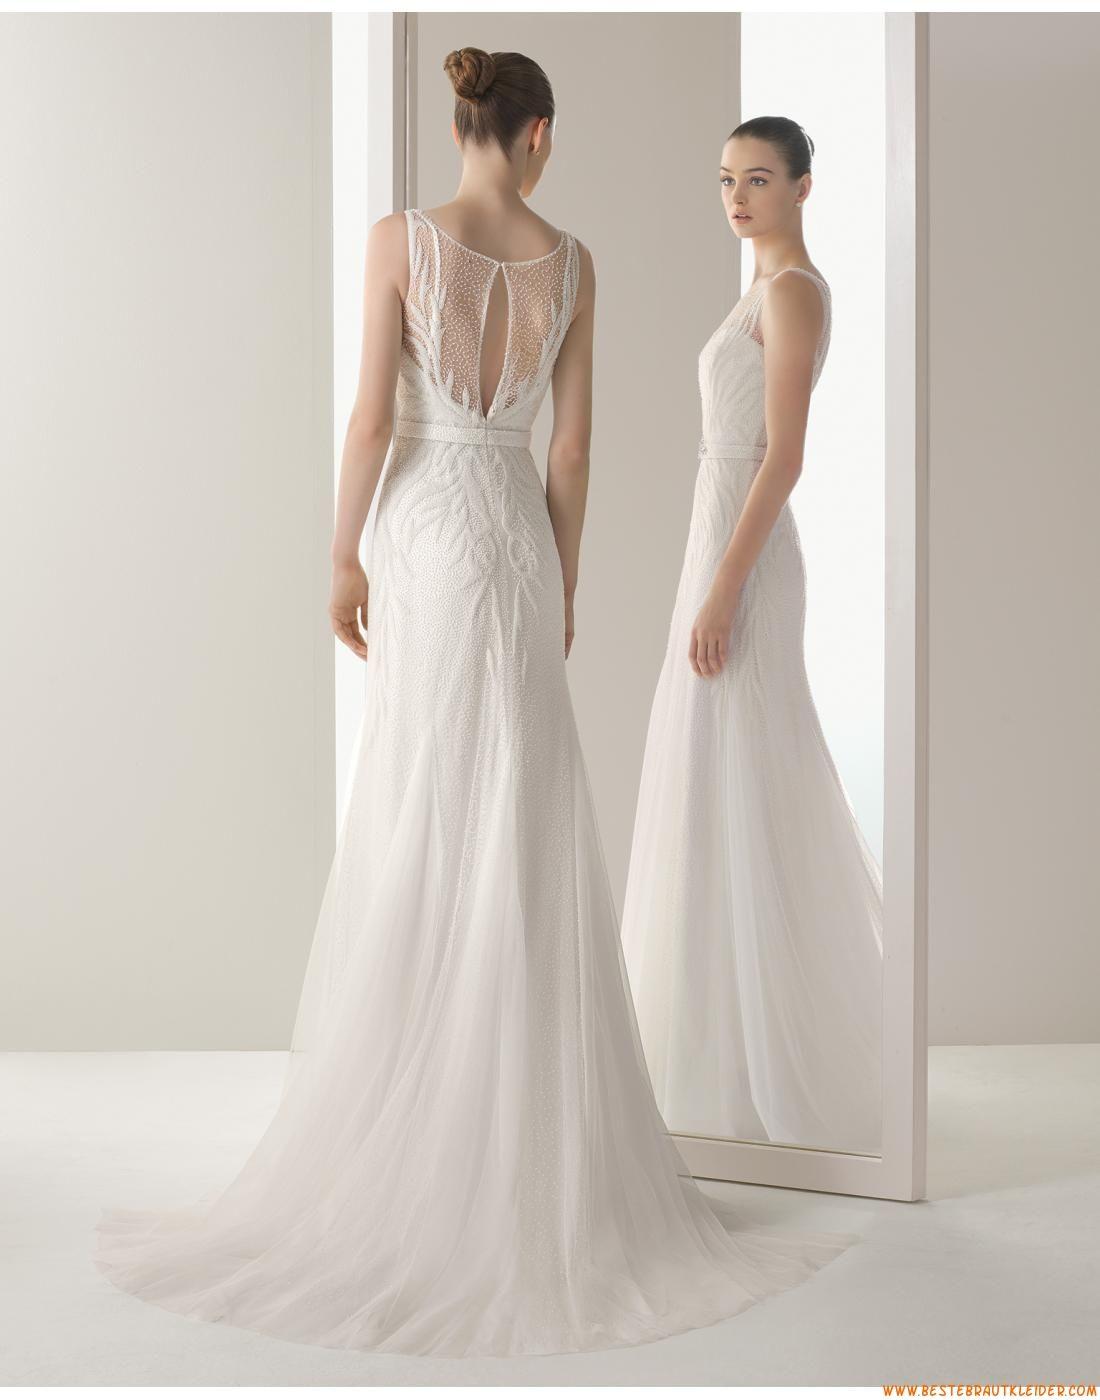 Romantische Ausgefallene Exklusive Brautkleider aus Softnetz mit ...